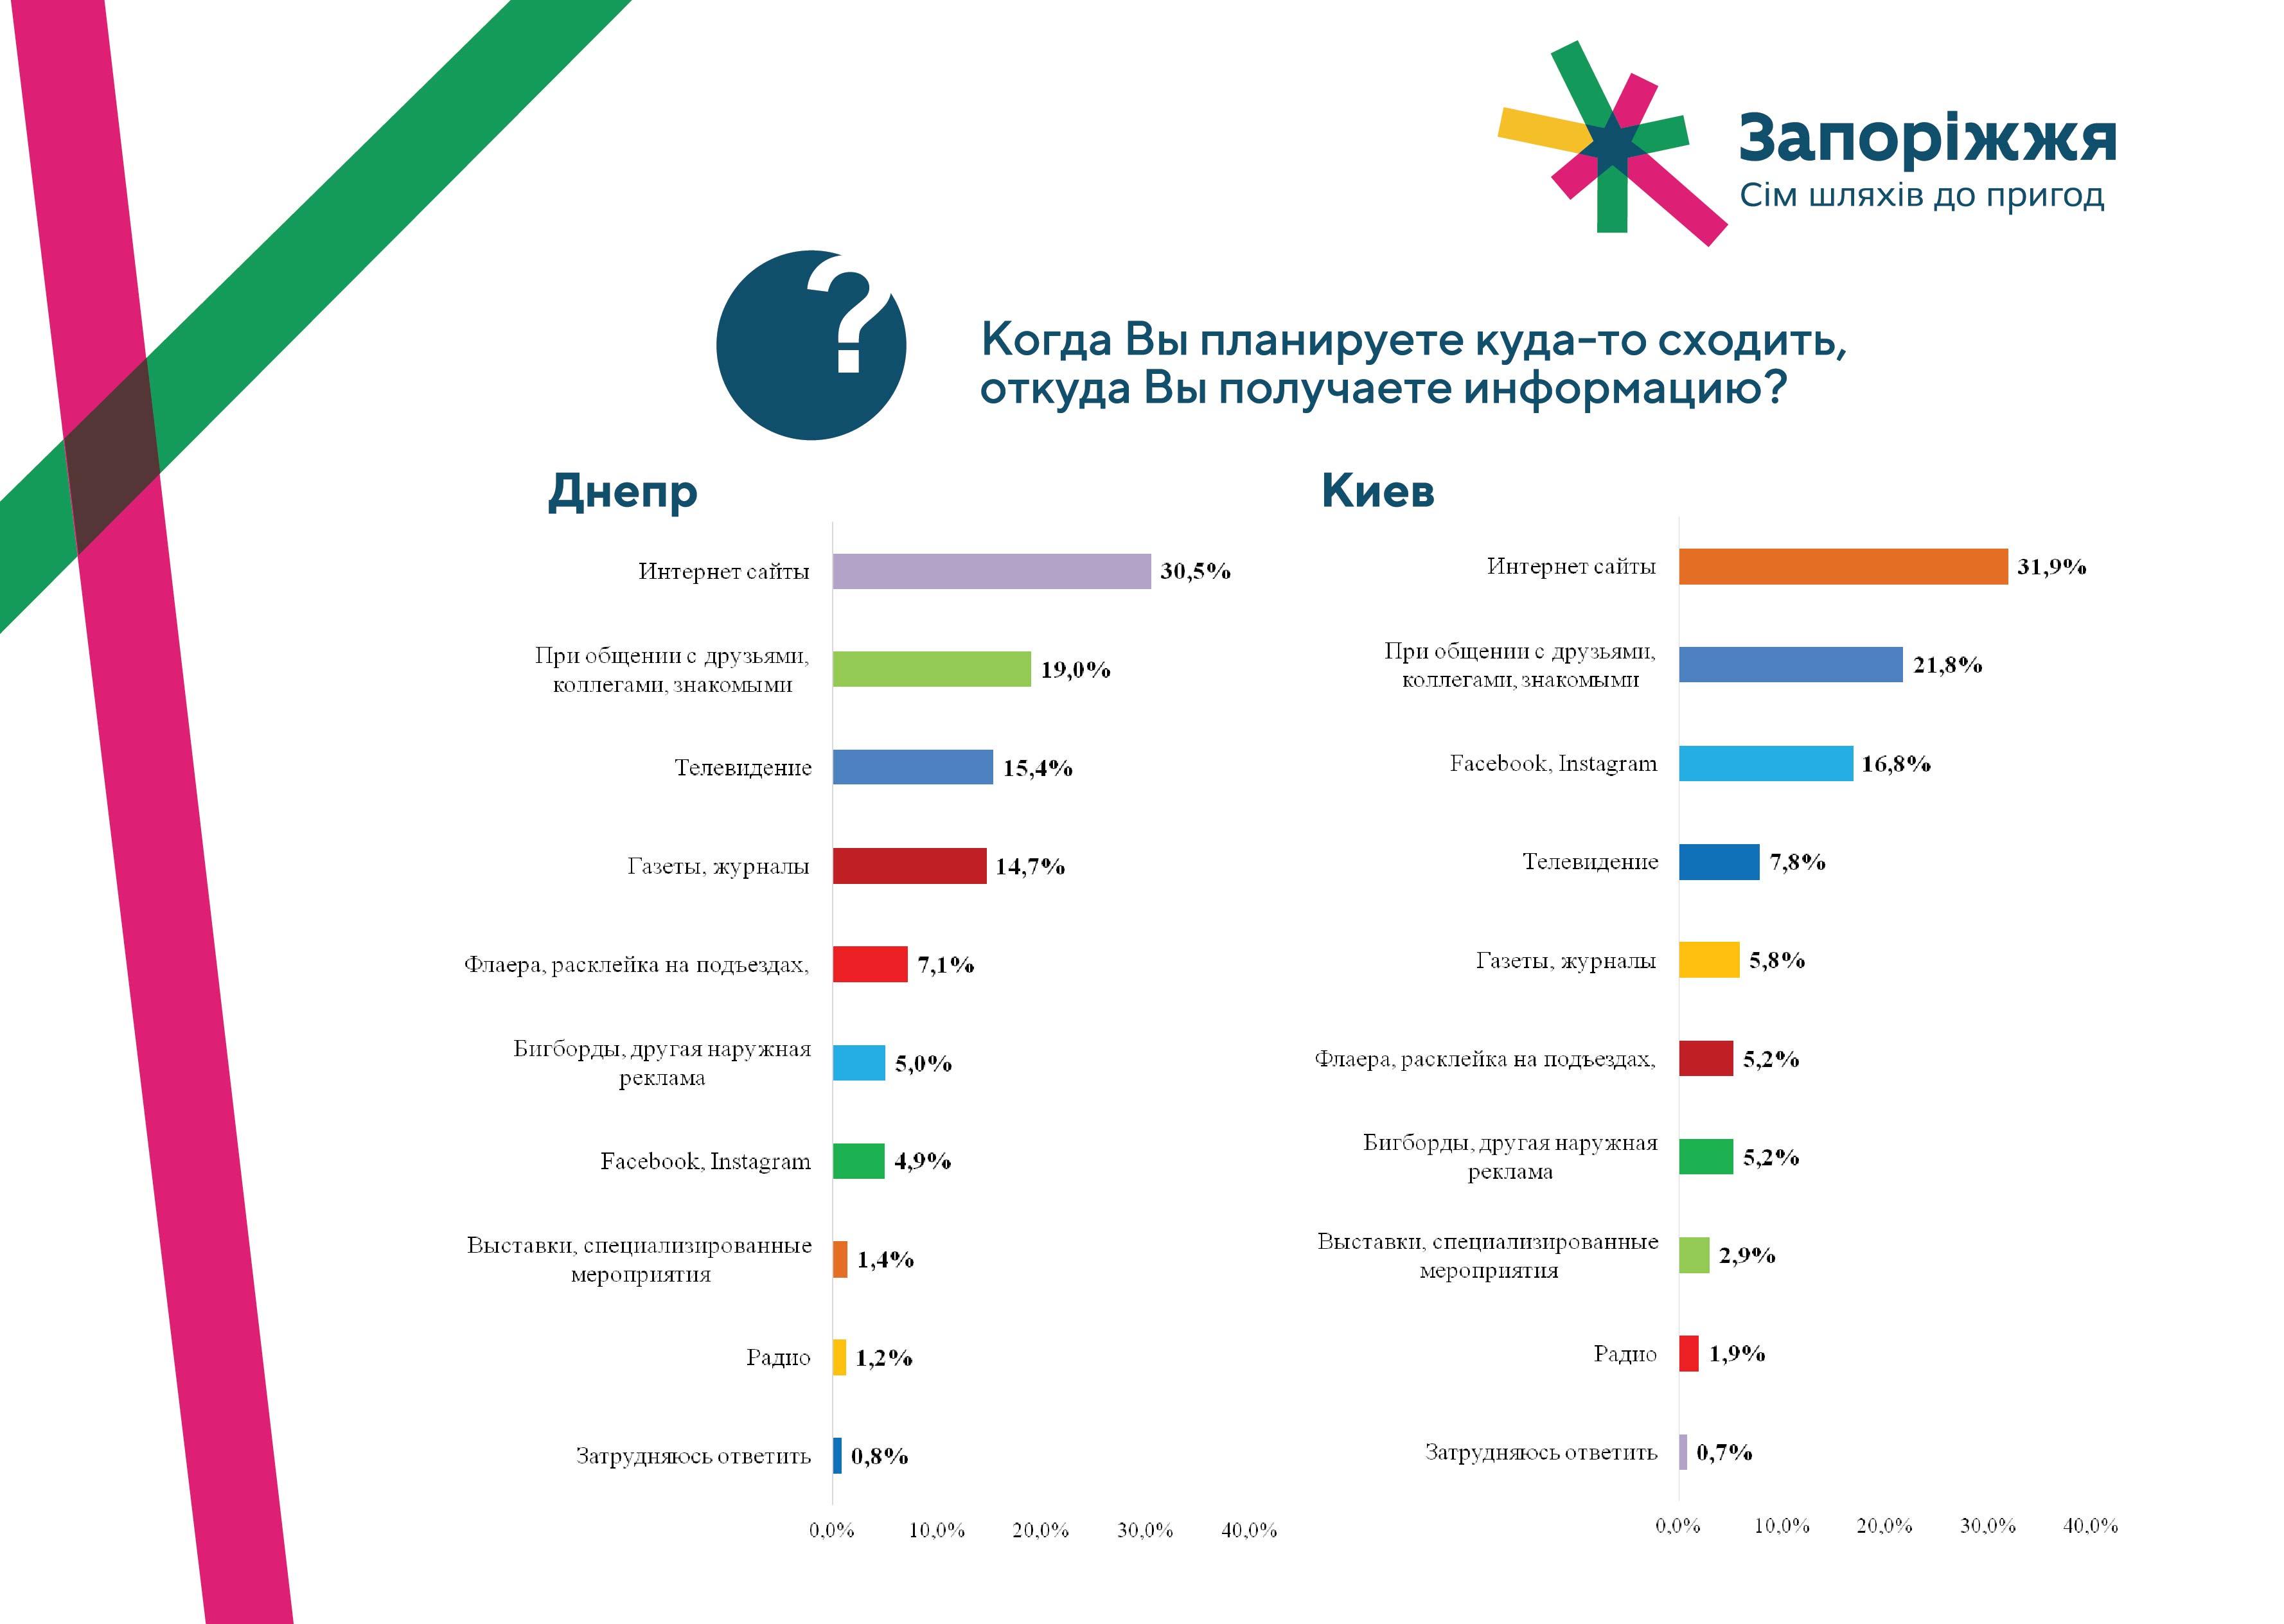 презентация-днепр-киев-07.jpg